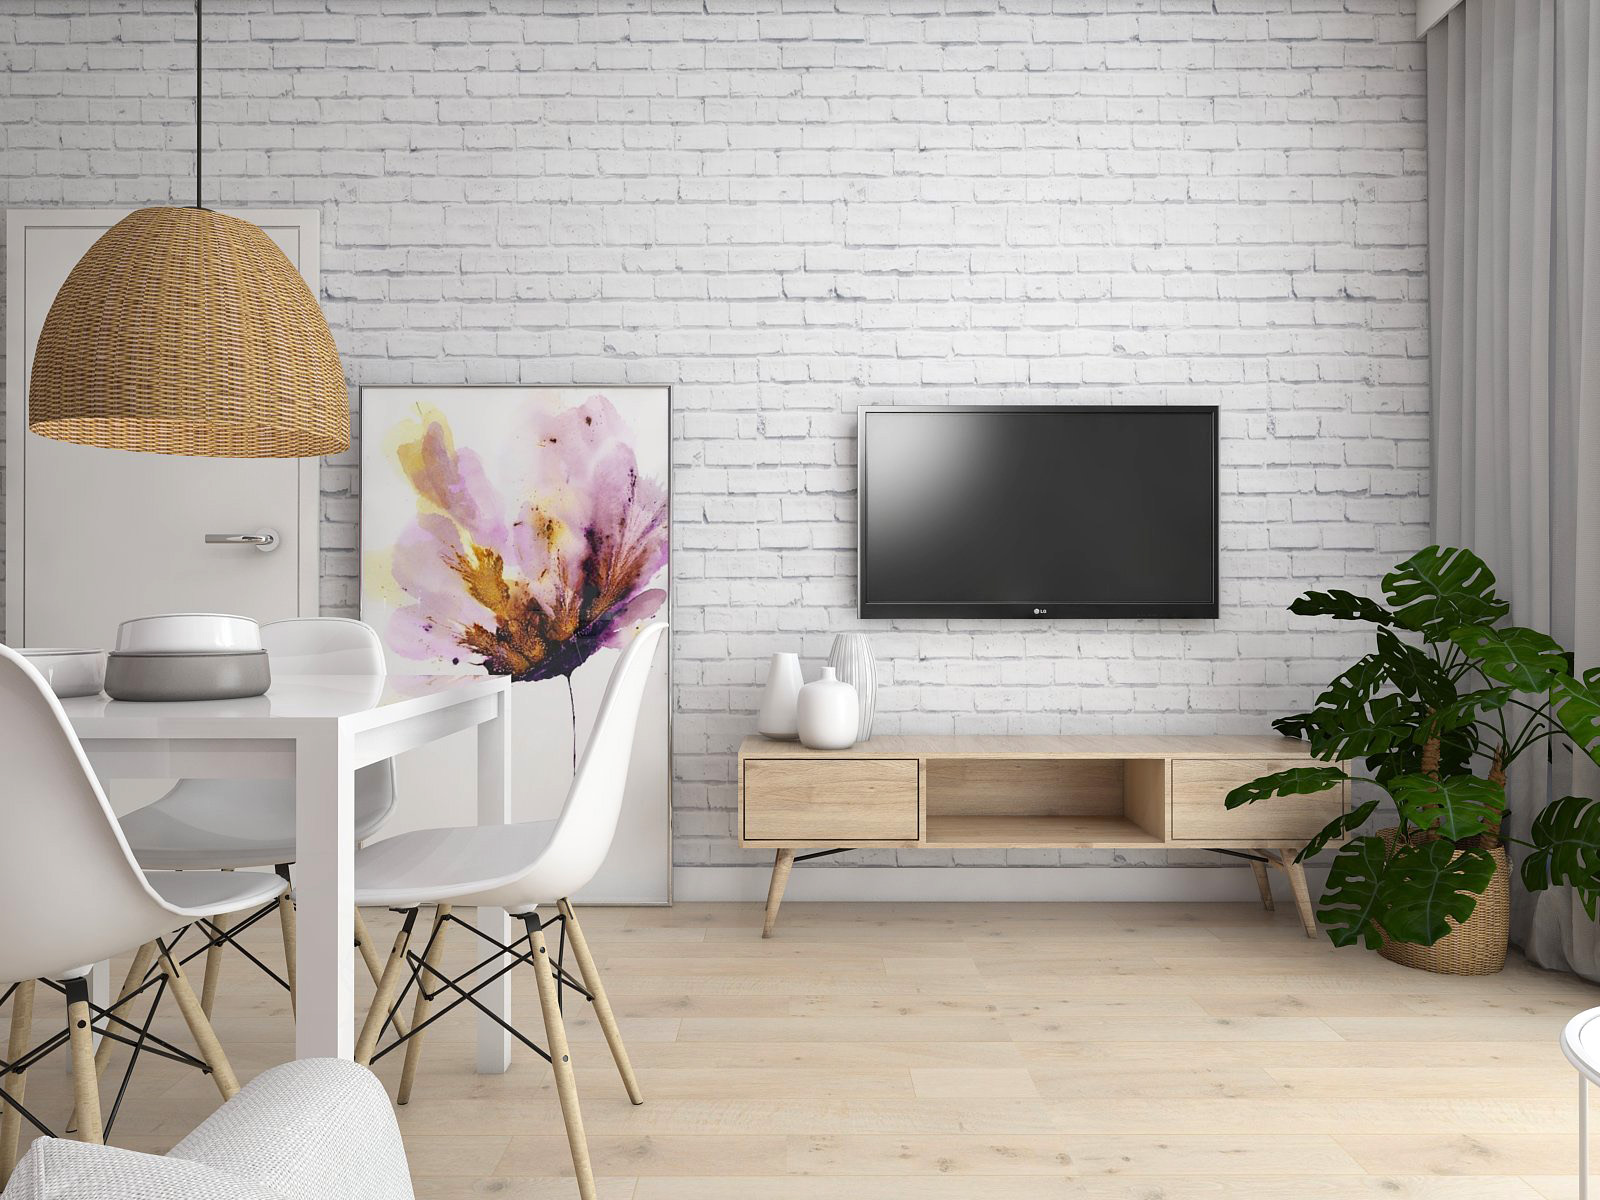 Elegancji salon w Twoim domu – jak urządzić? – aranżacja wnętrz warszawa